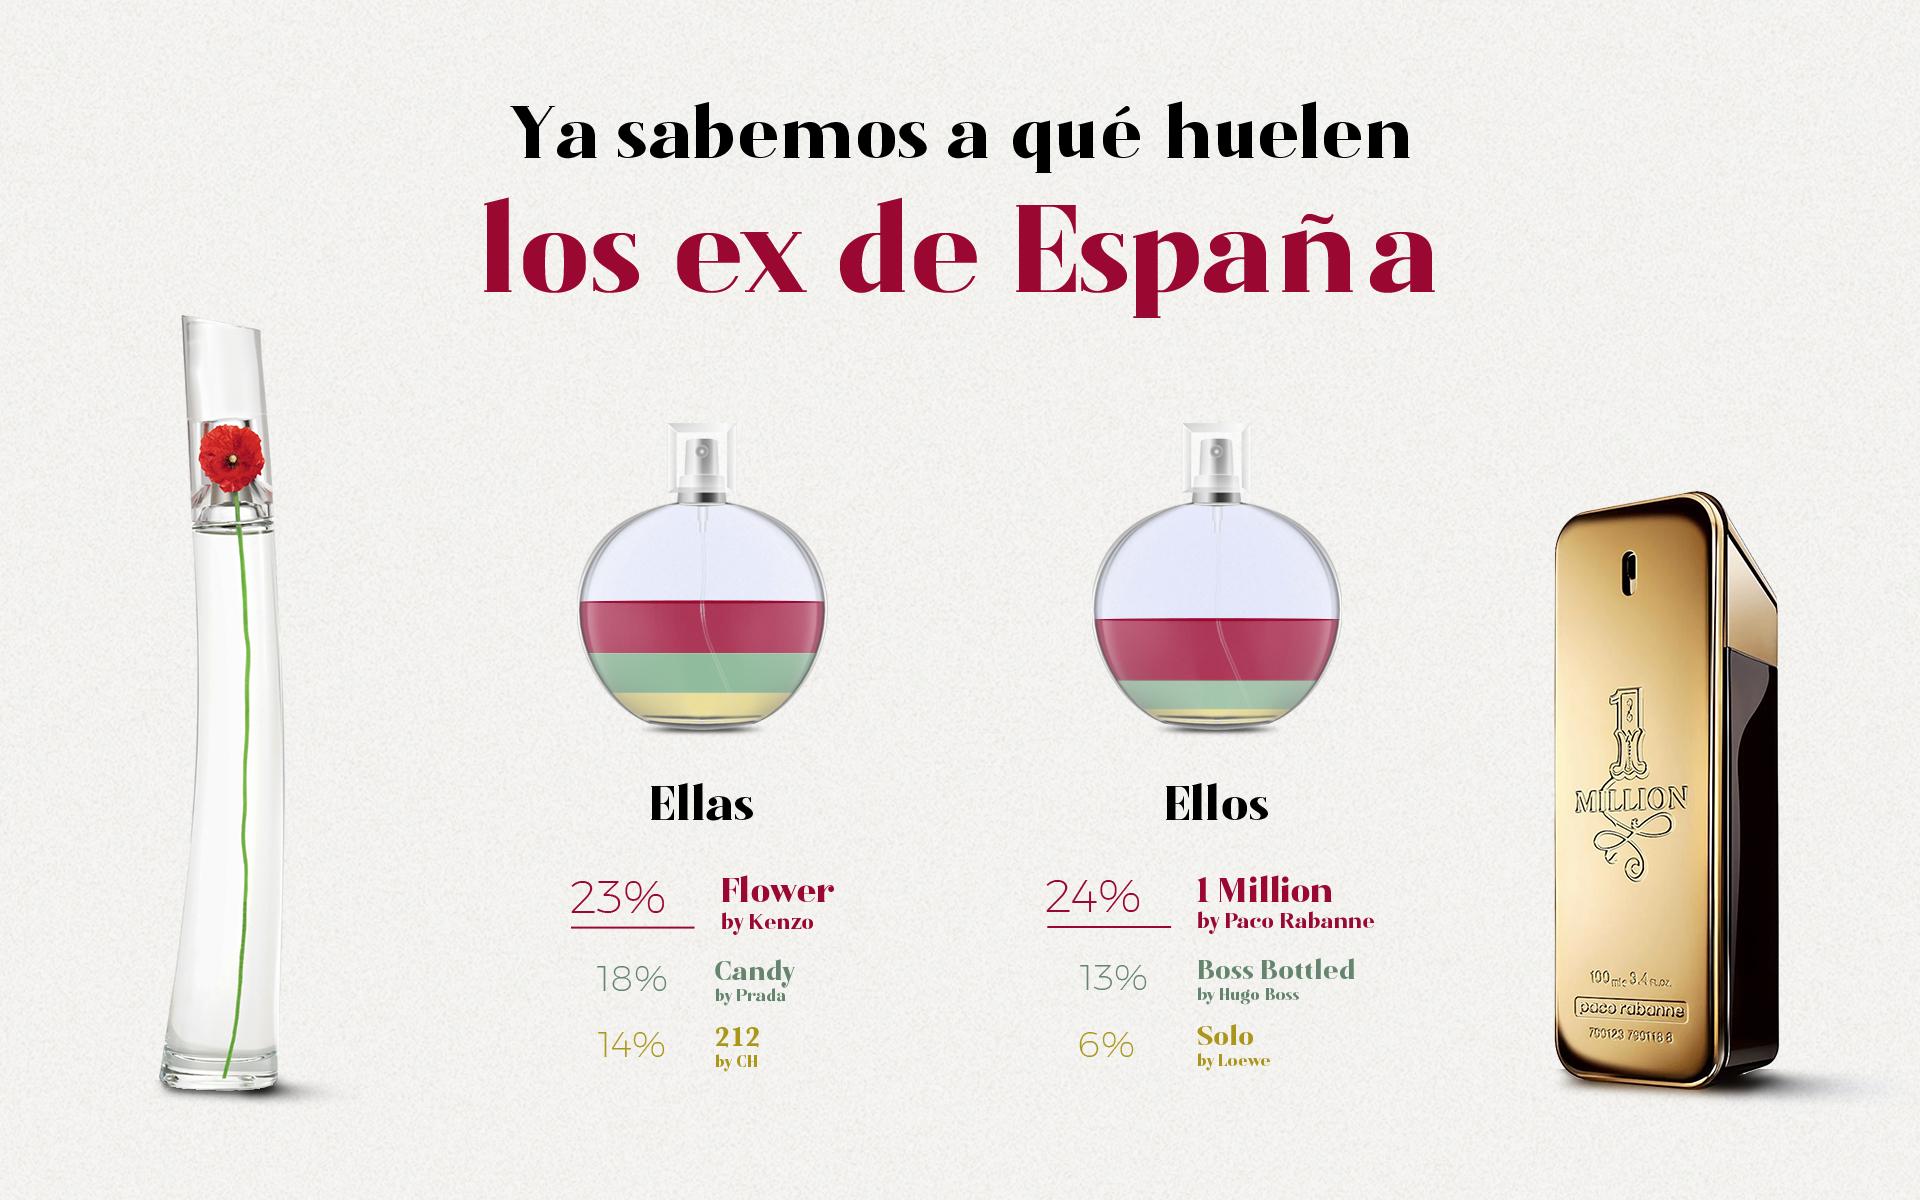 descubierto-huelen-los-ex-espana